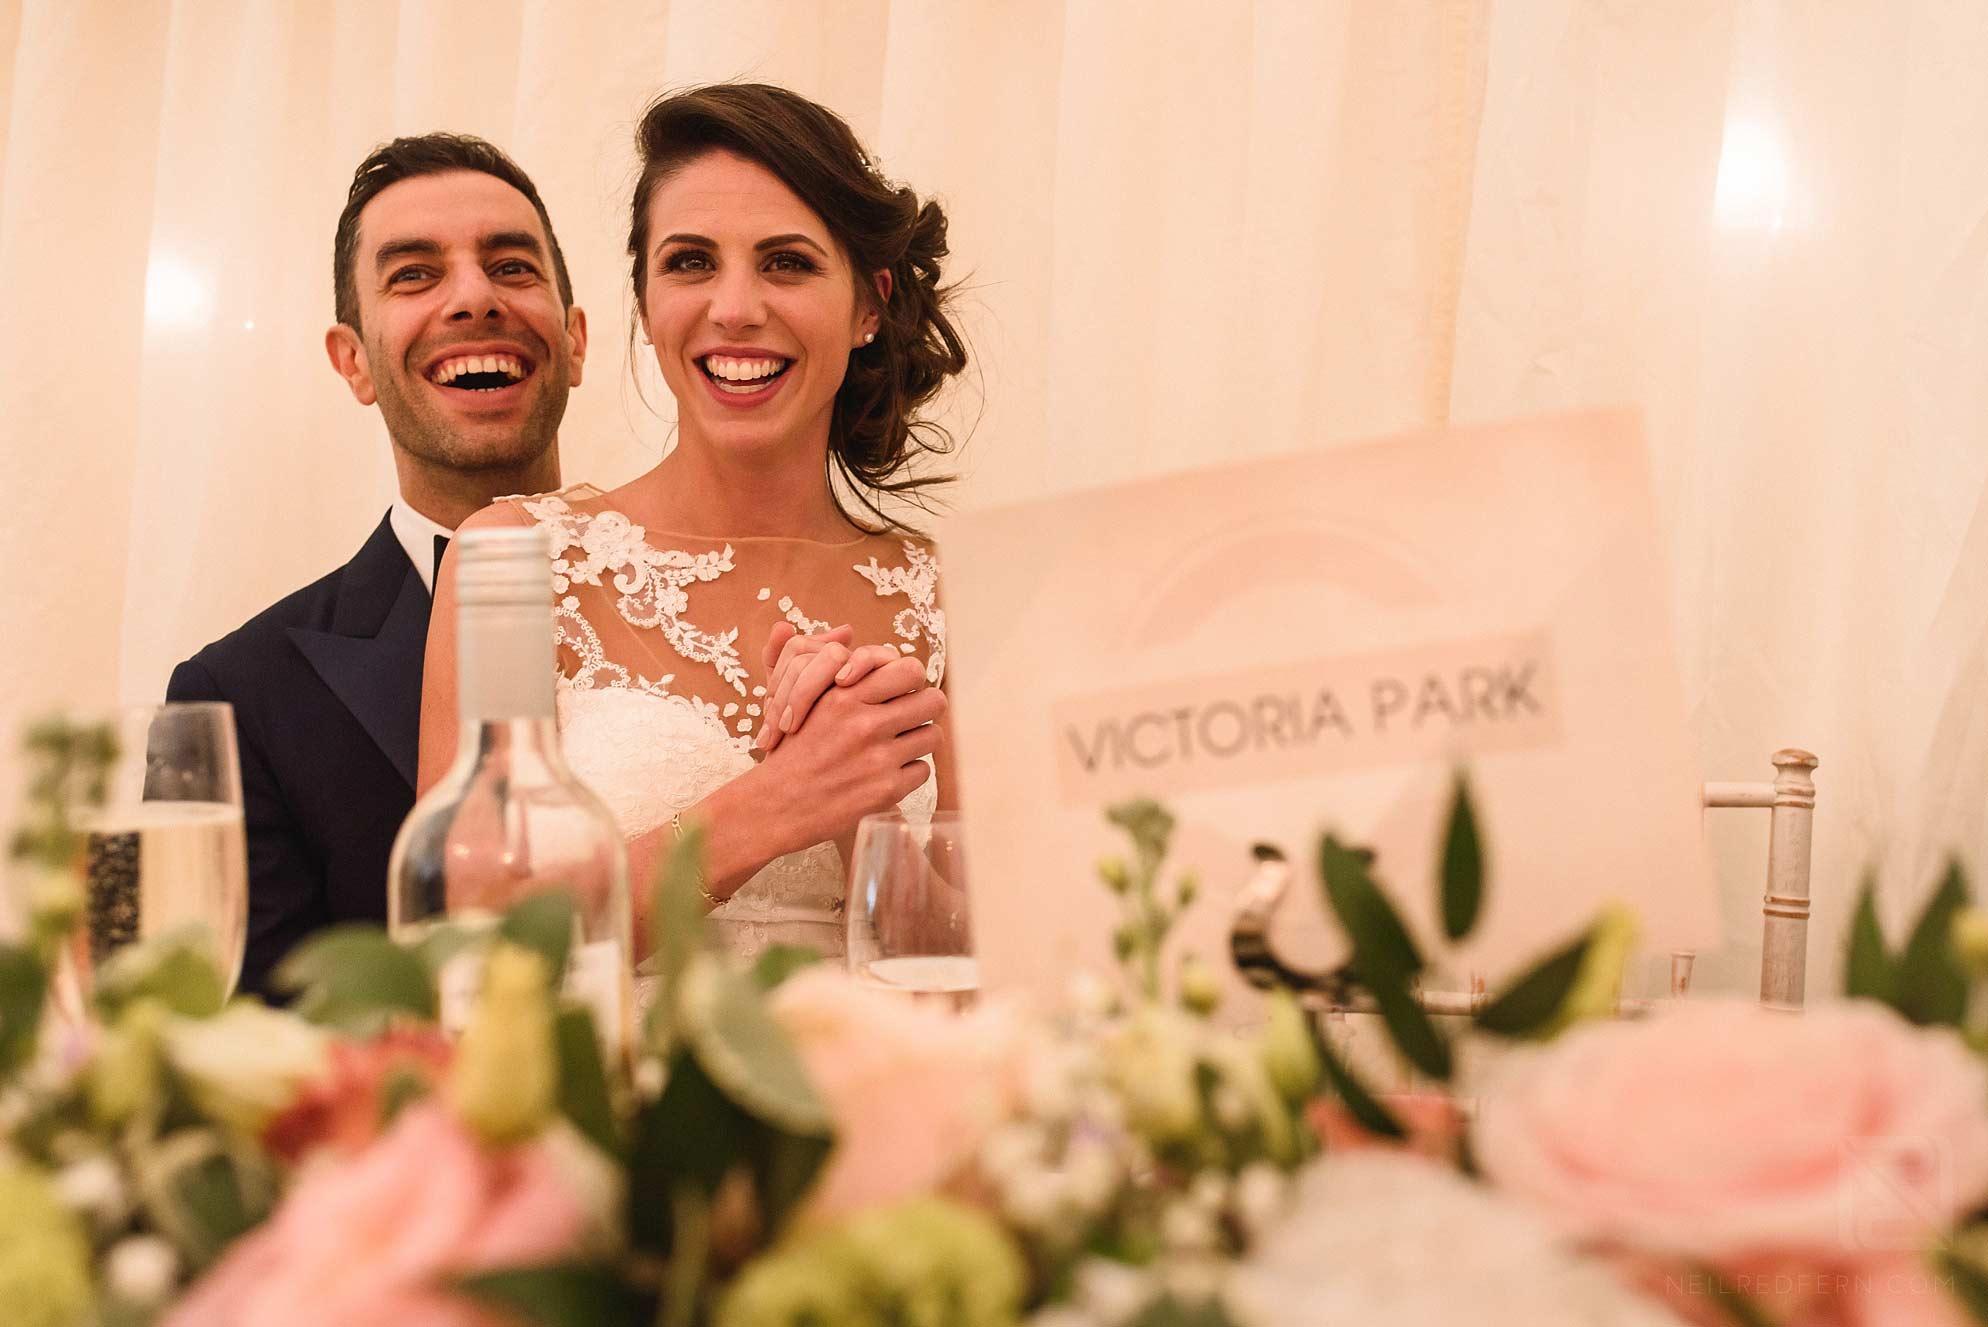 Nanteos-Mansion-wedding-photographs-43